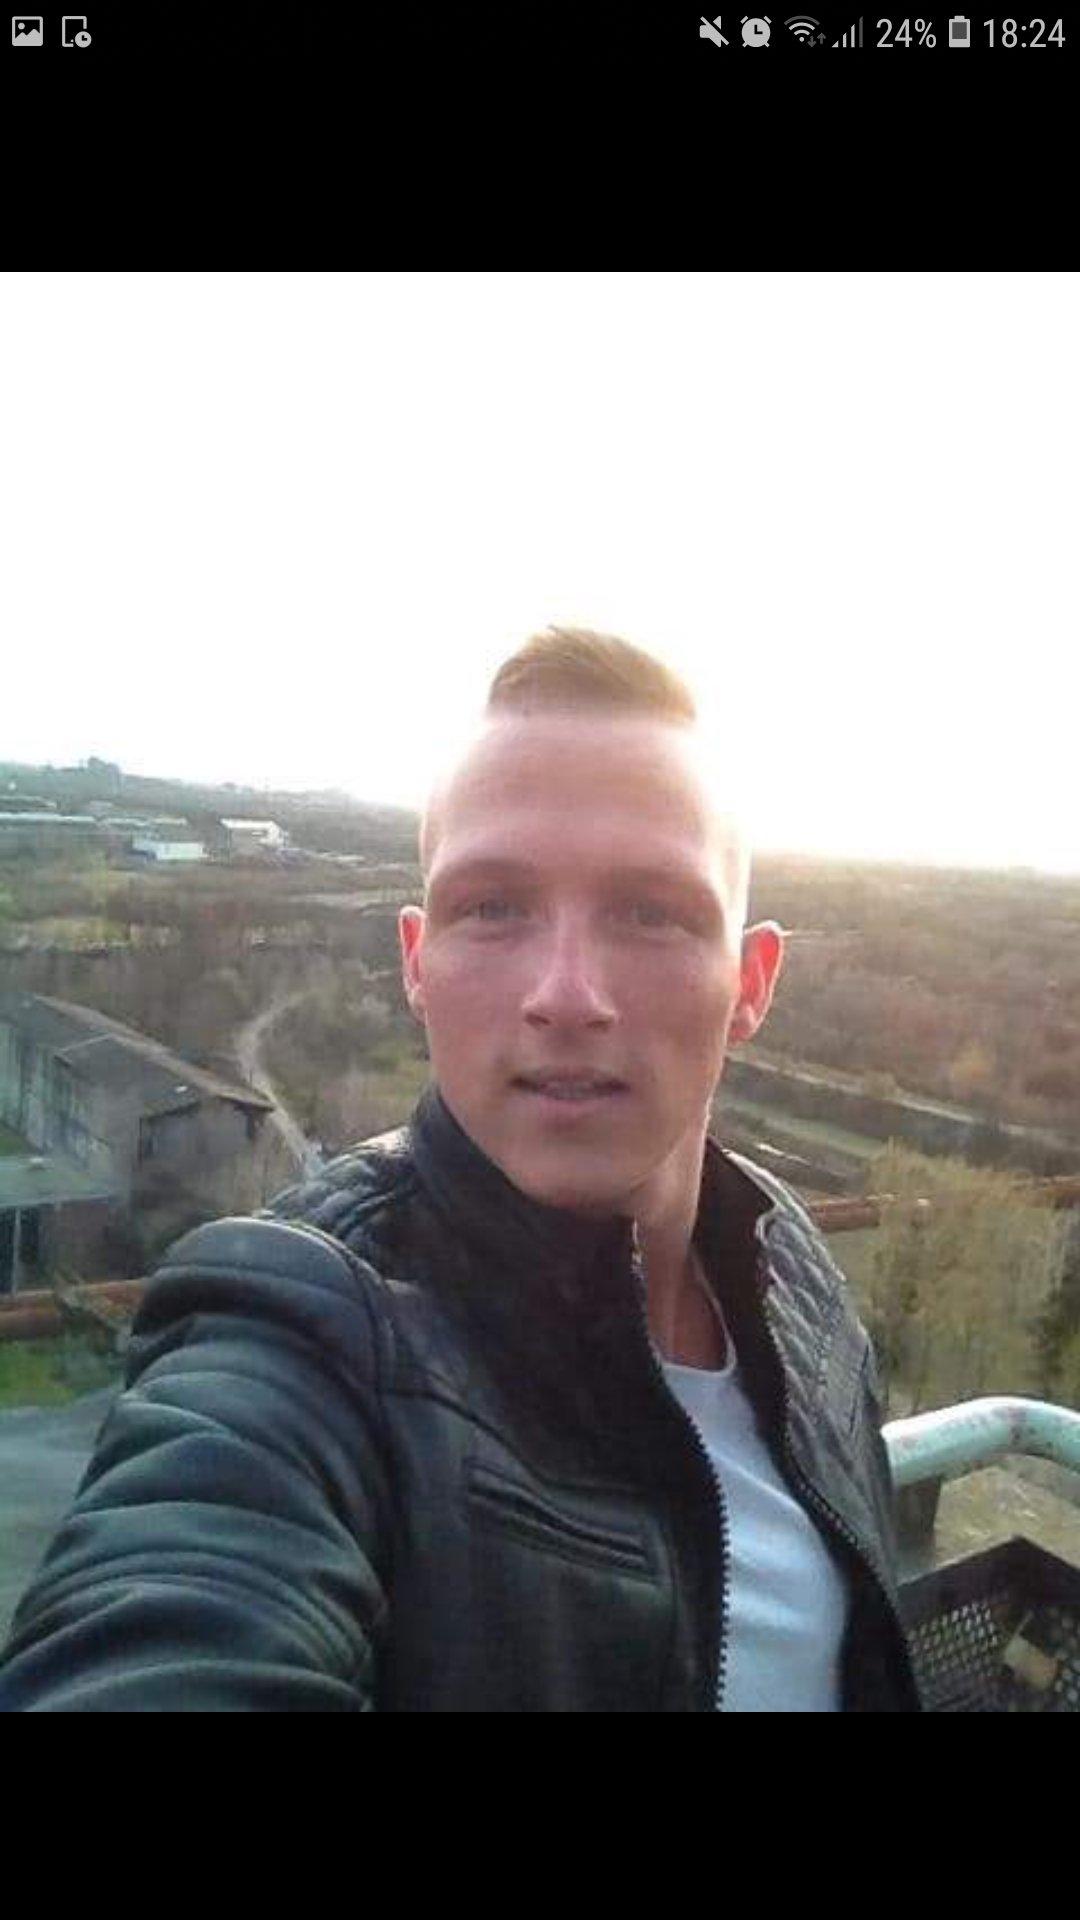 Chrisi92 aus Nordrhein-Westfalen,Deutschland